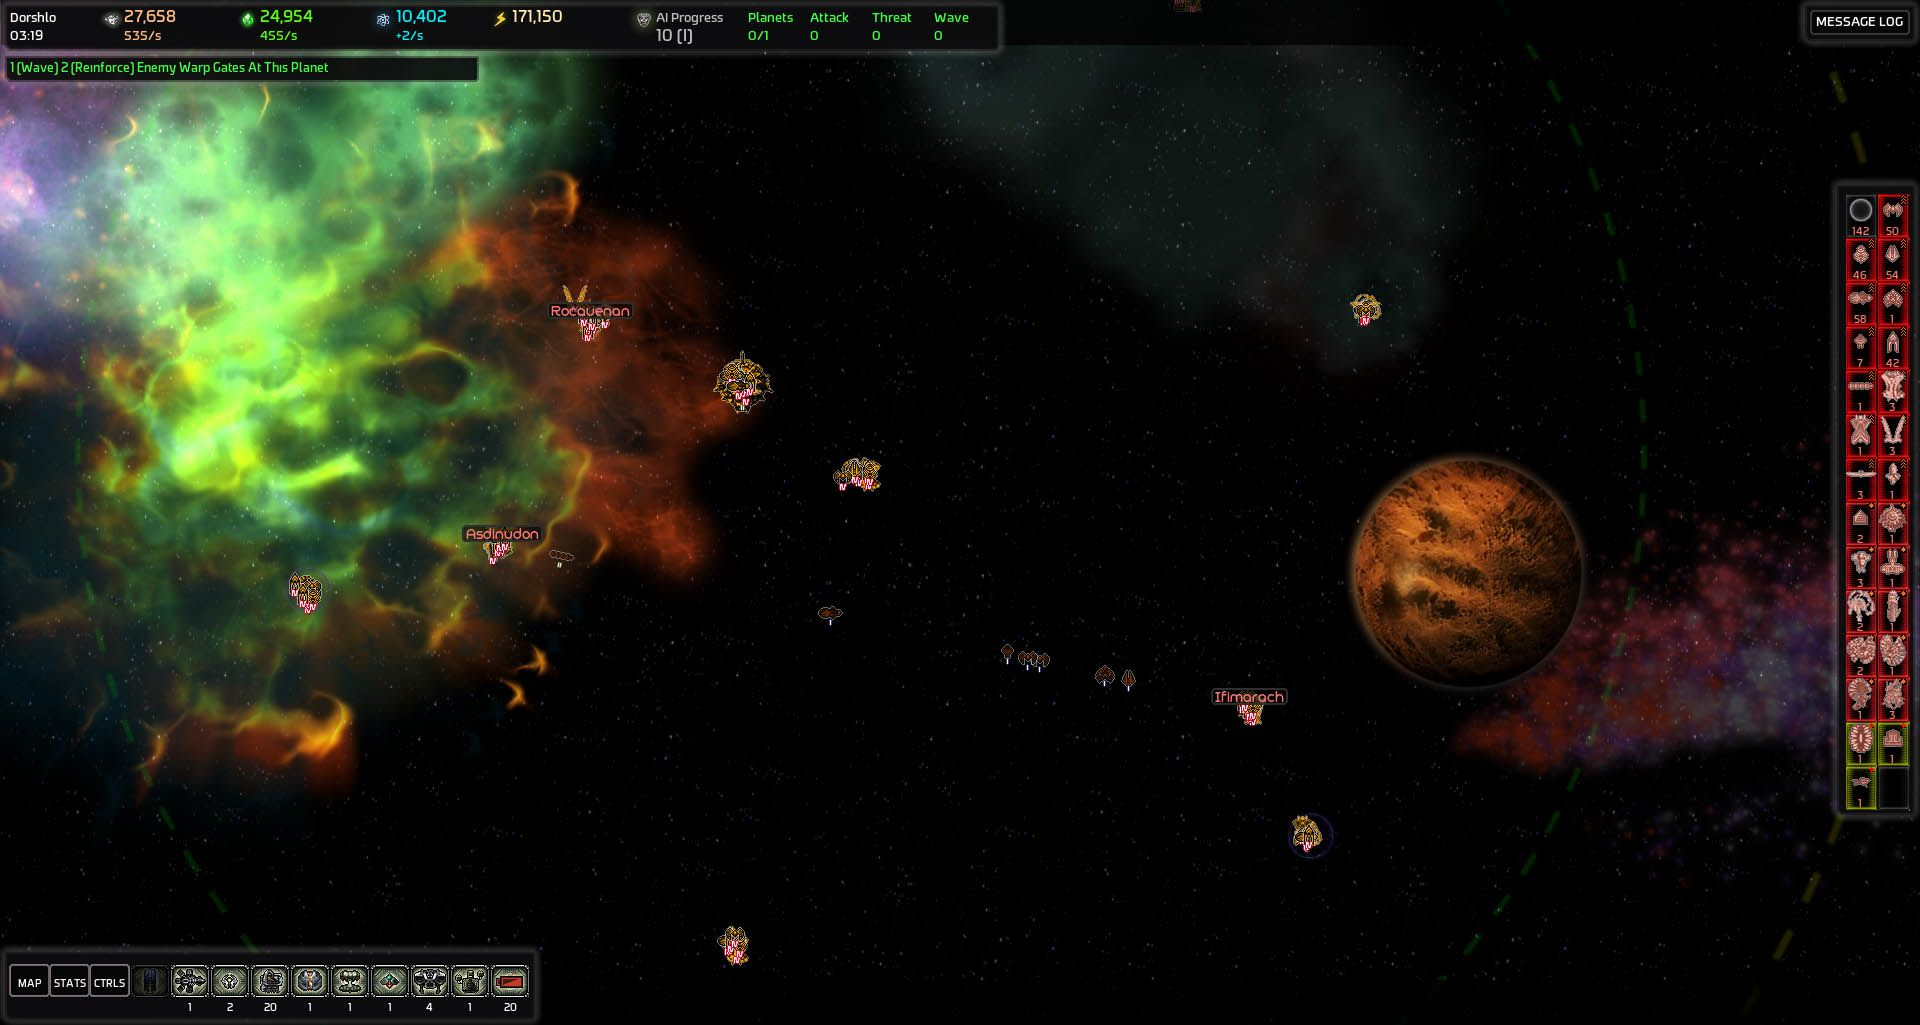 Ai War ai war: the zenith remnant | war, alien artifacts, ancient